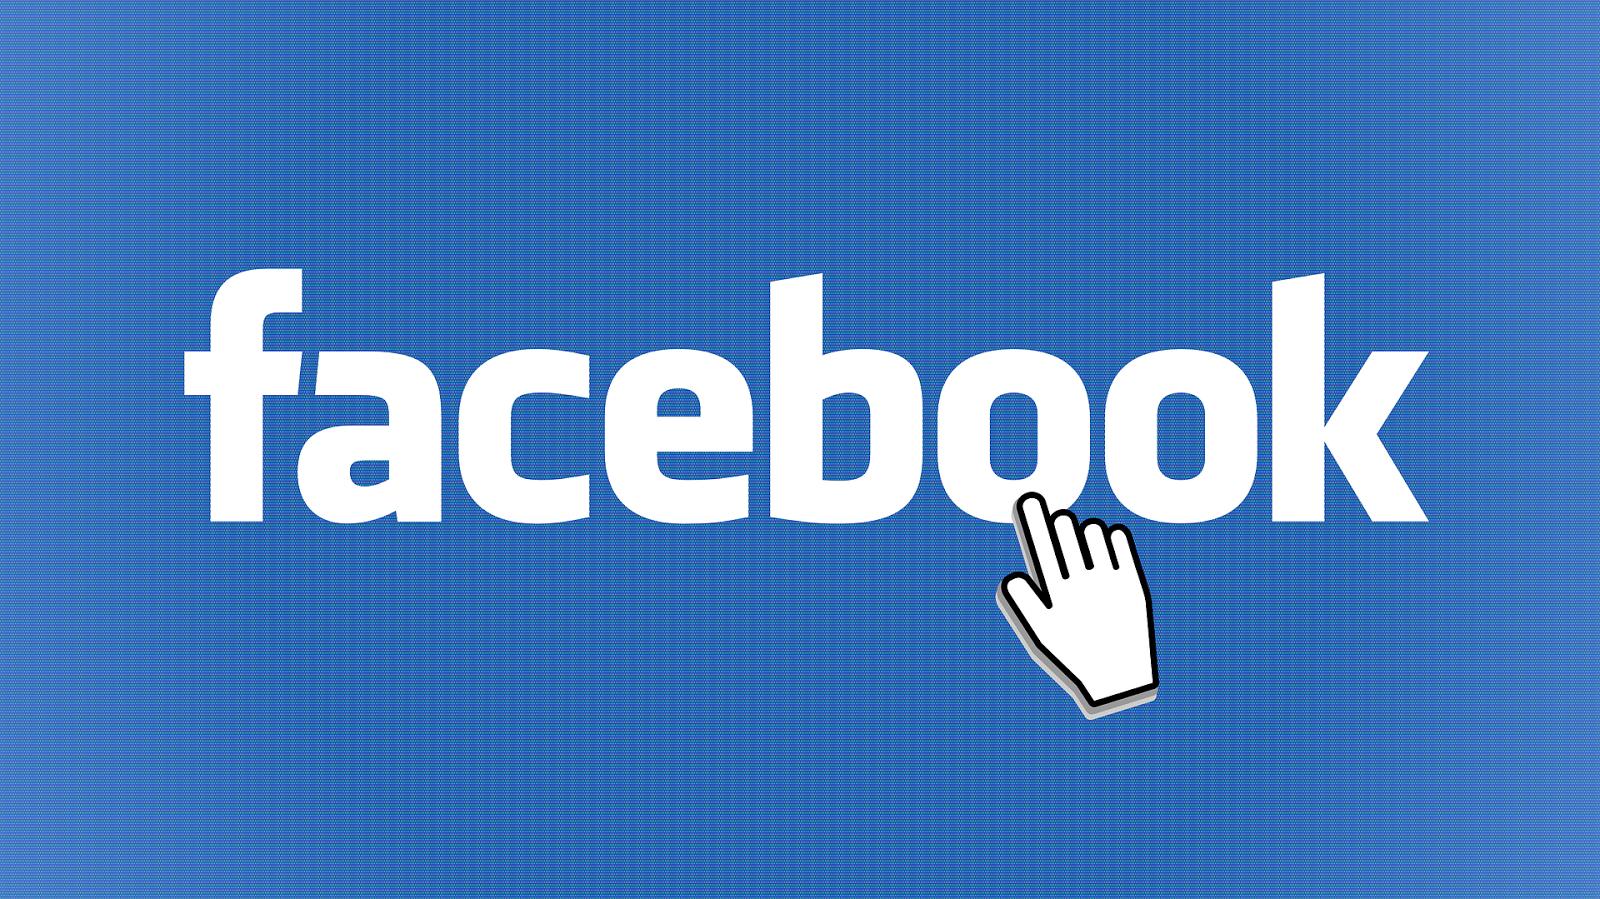 Sisbran -Obtenha mais vendas e crie seu negócio ao gerar leads do Facebook